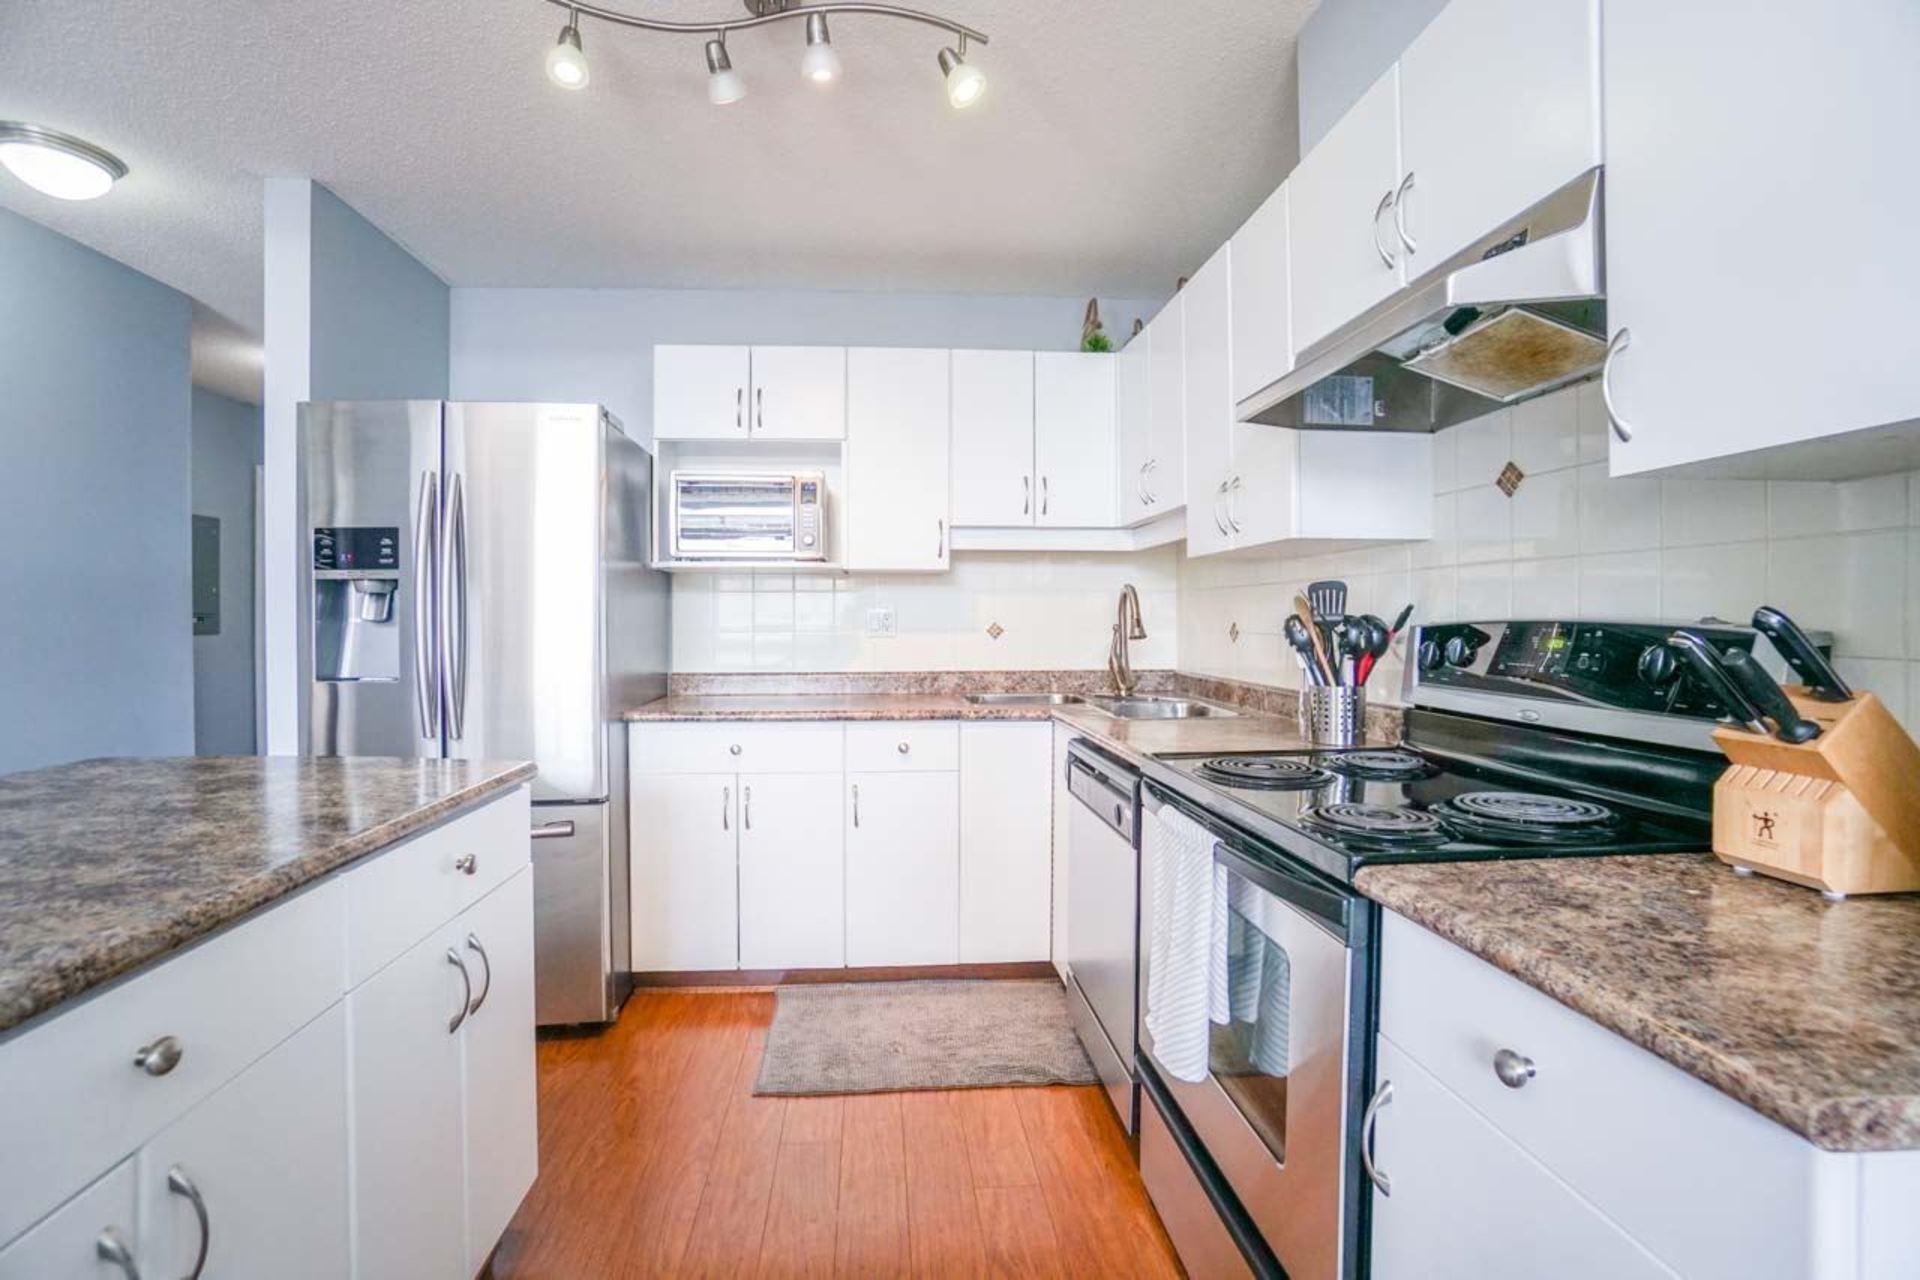 1668-grant-avenue-glenwood-pq-port-coquitlam-05 of 301 - 1668 Grant Avenue, Glenwood PQ, Port Coquitlam